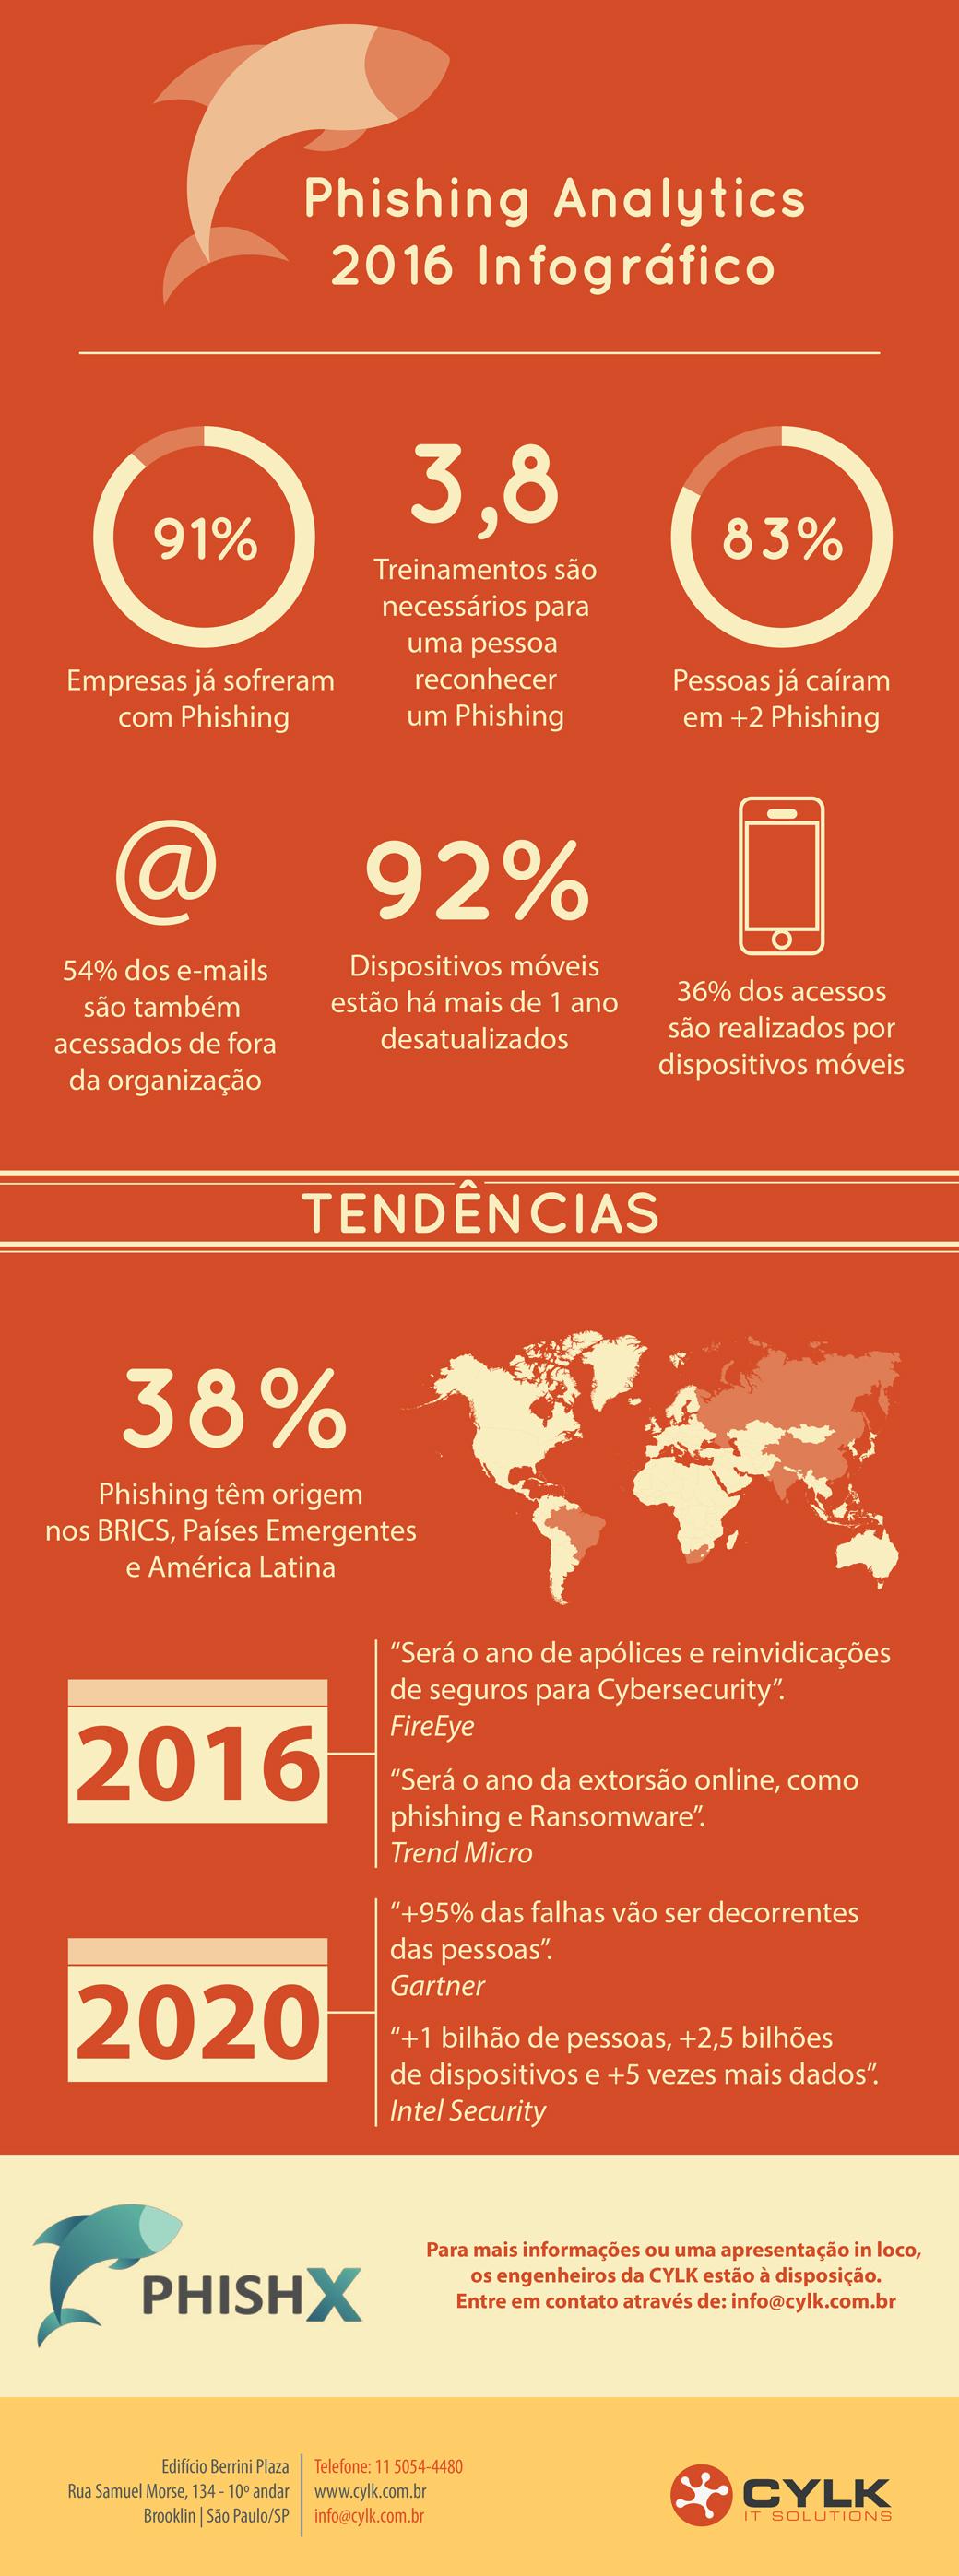 Phishing já atingiu 91% das empresas; saiba mais sobre o tema [infográfico]